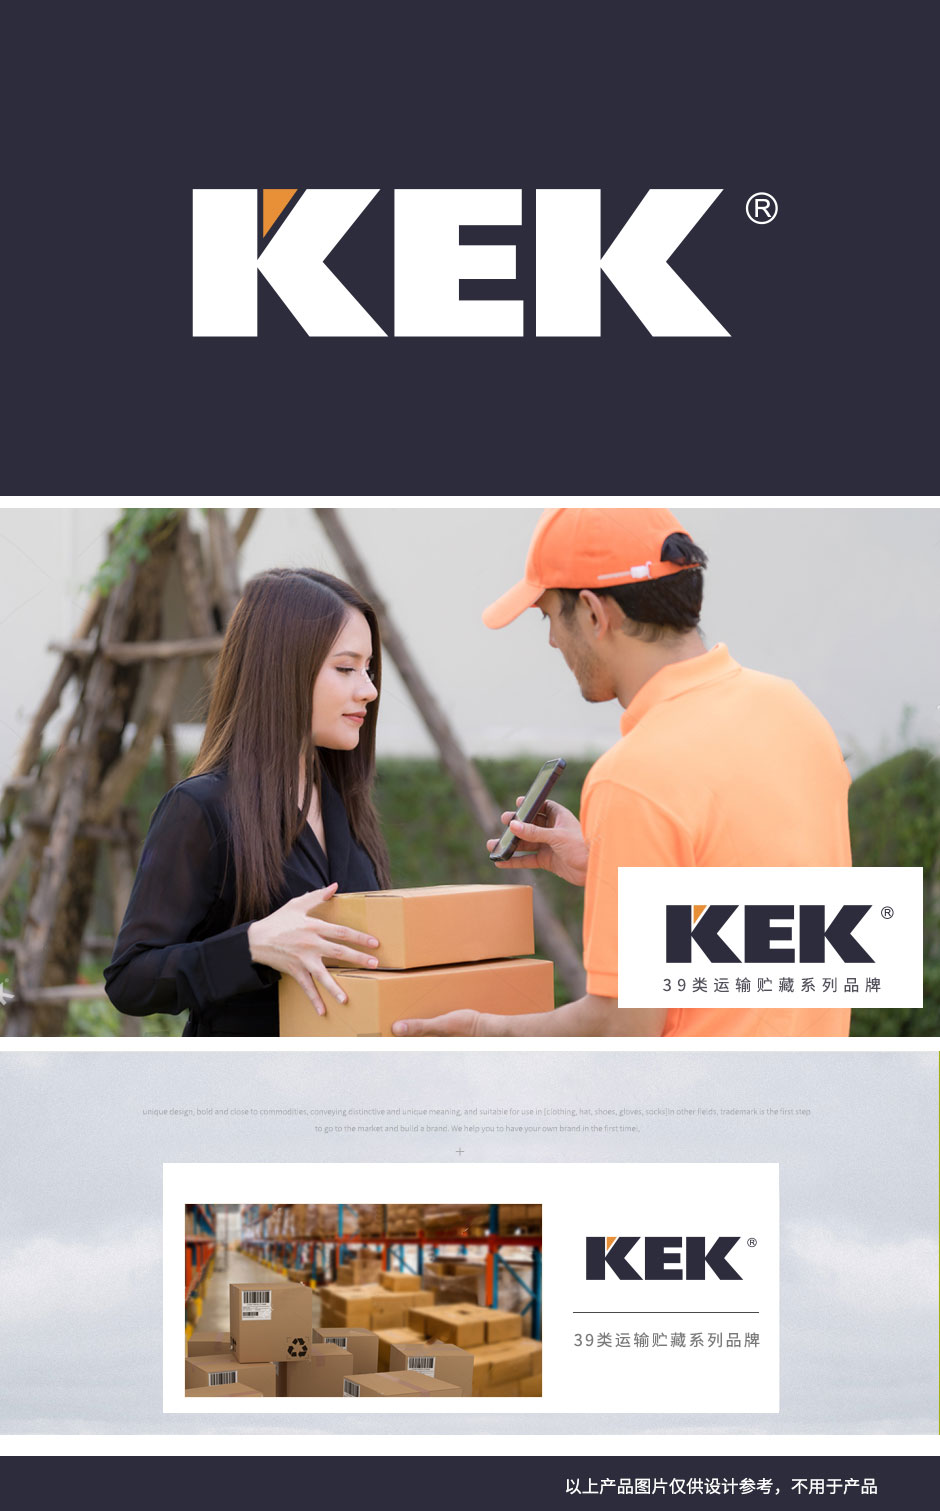 第39类-KEK